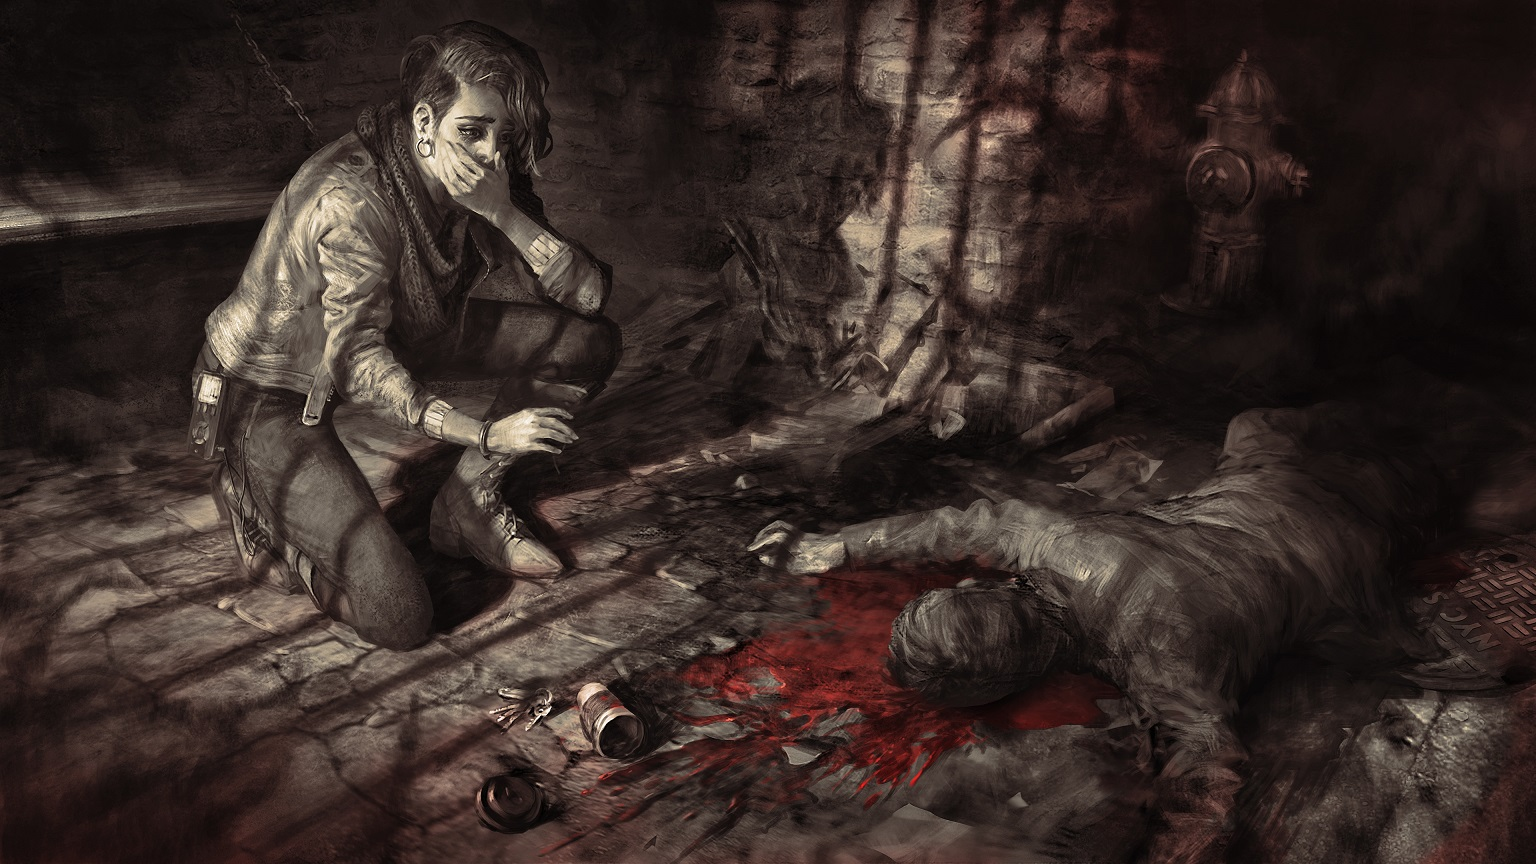 dead by daylight zarina kassir chapter 15